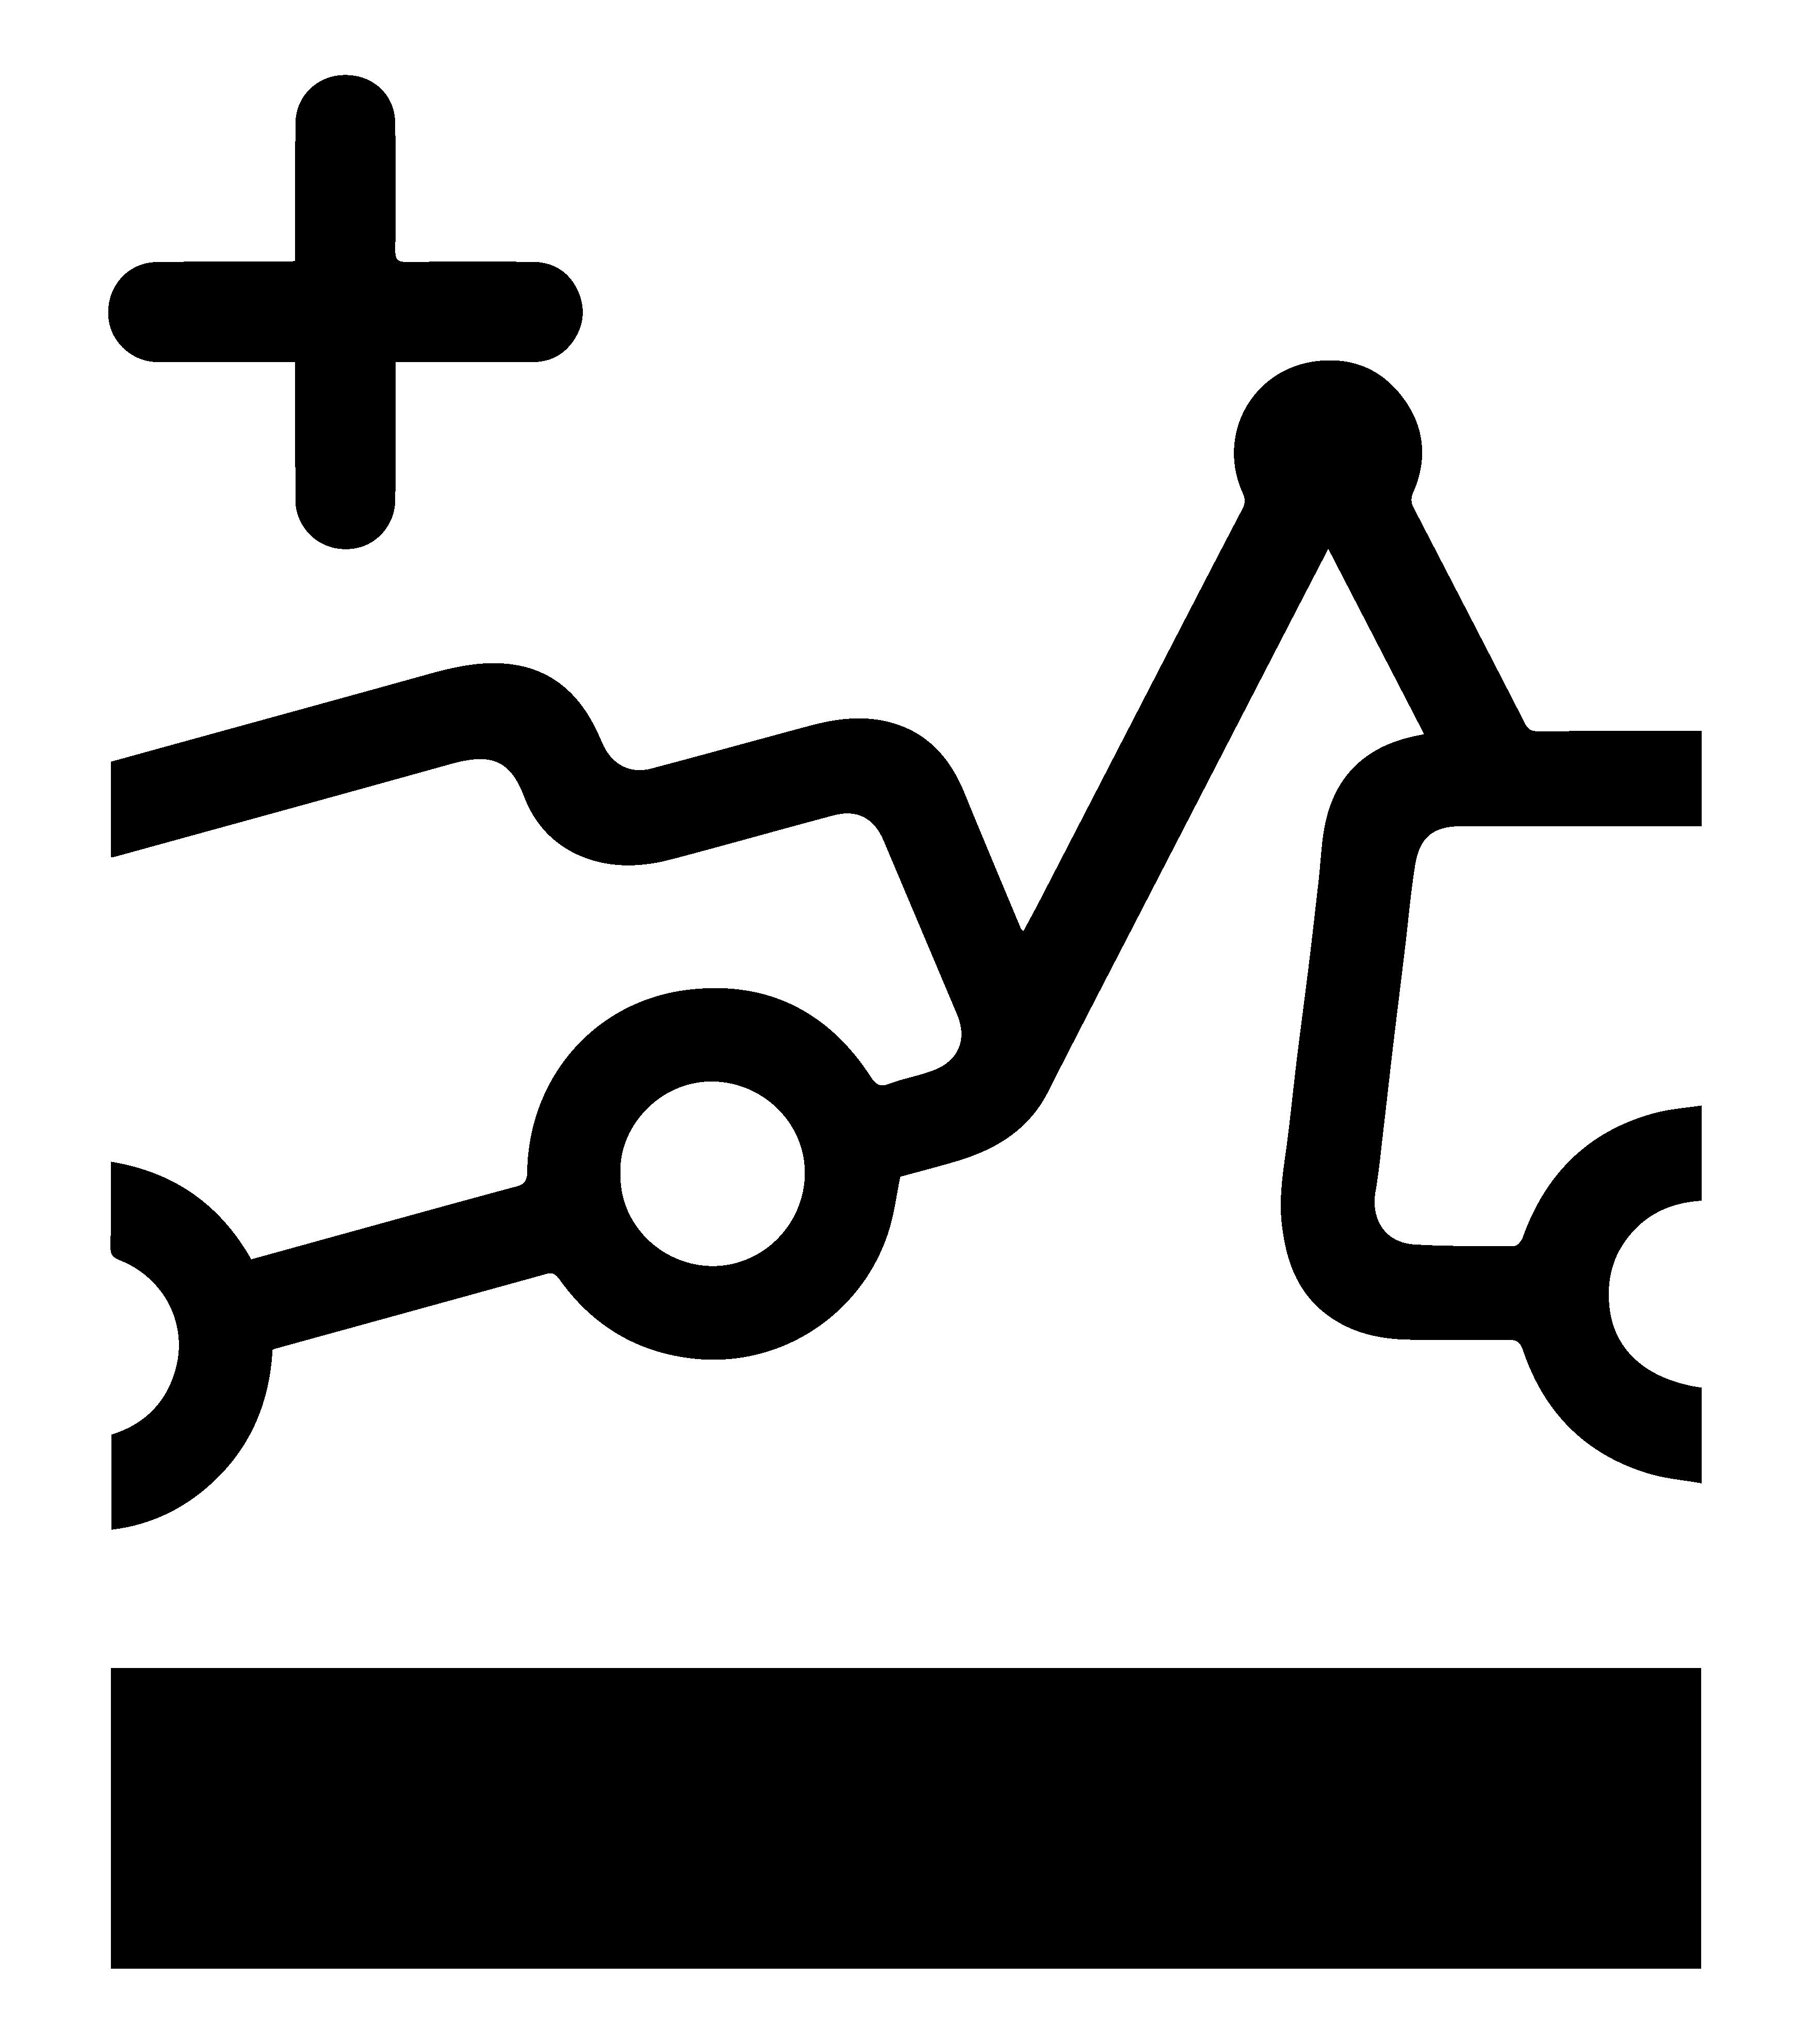 04-Iconos-Direct-Asistencia